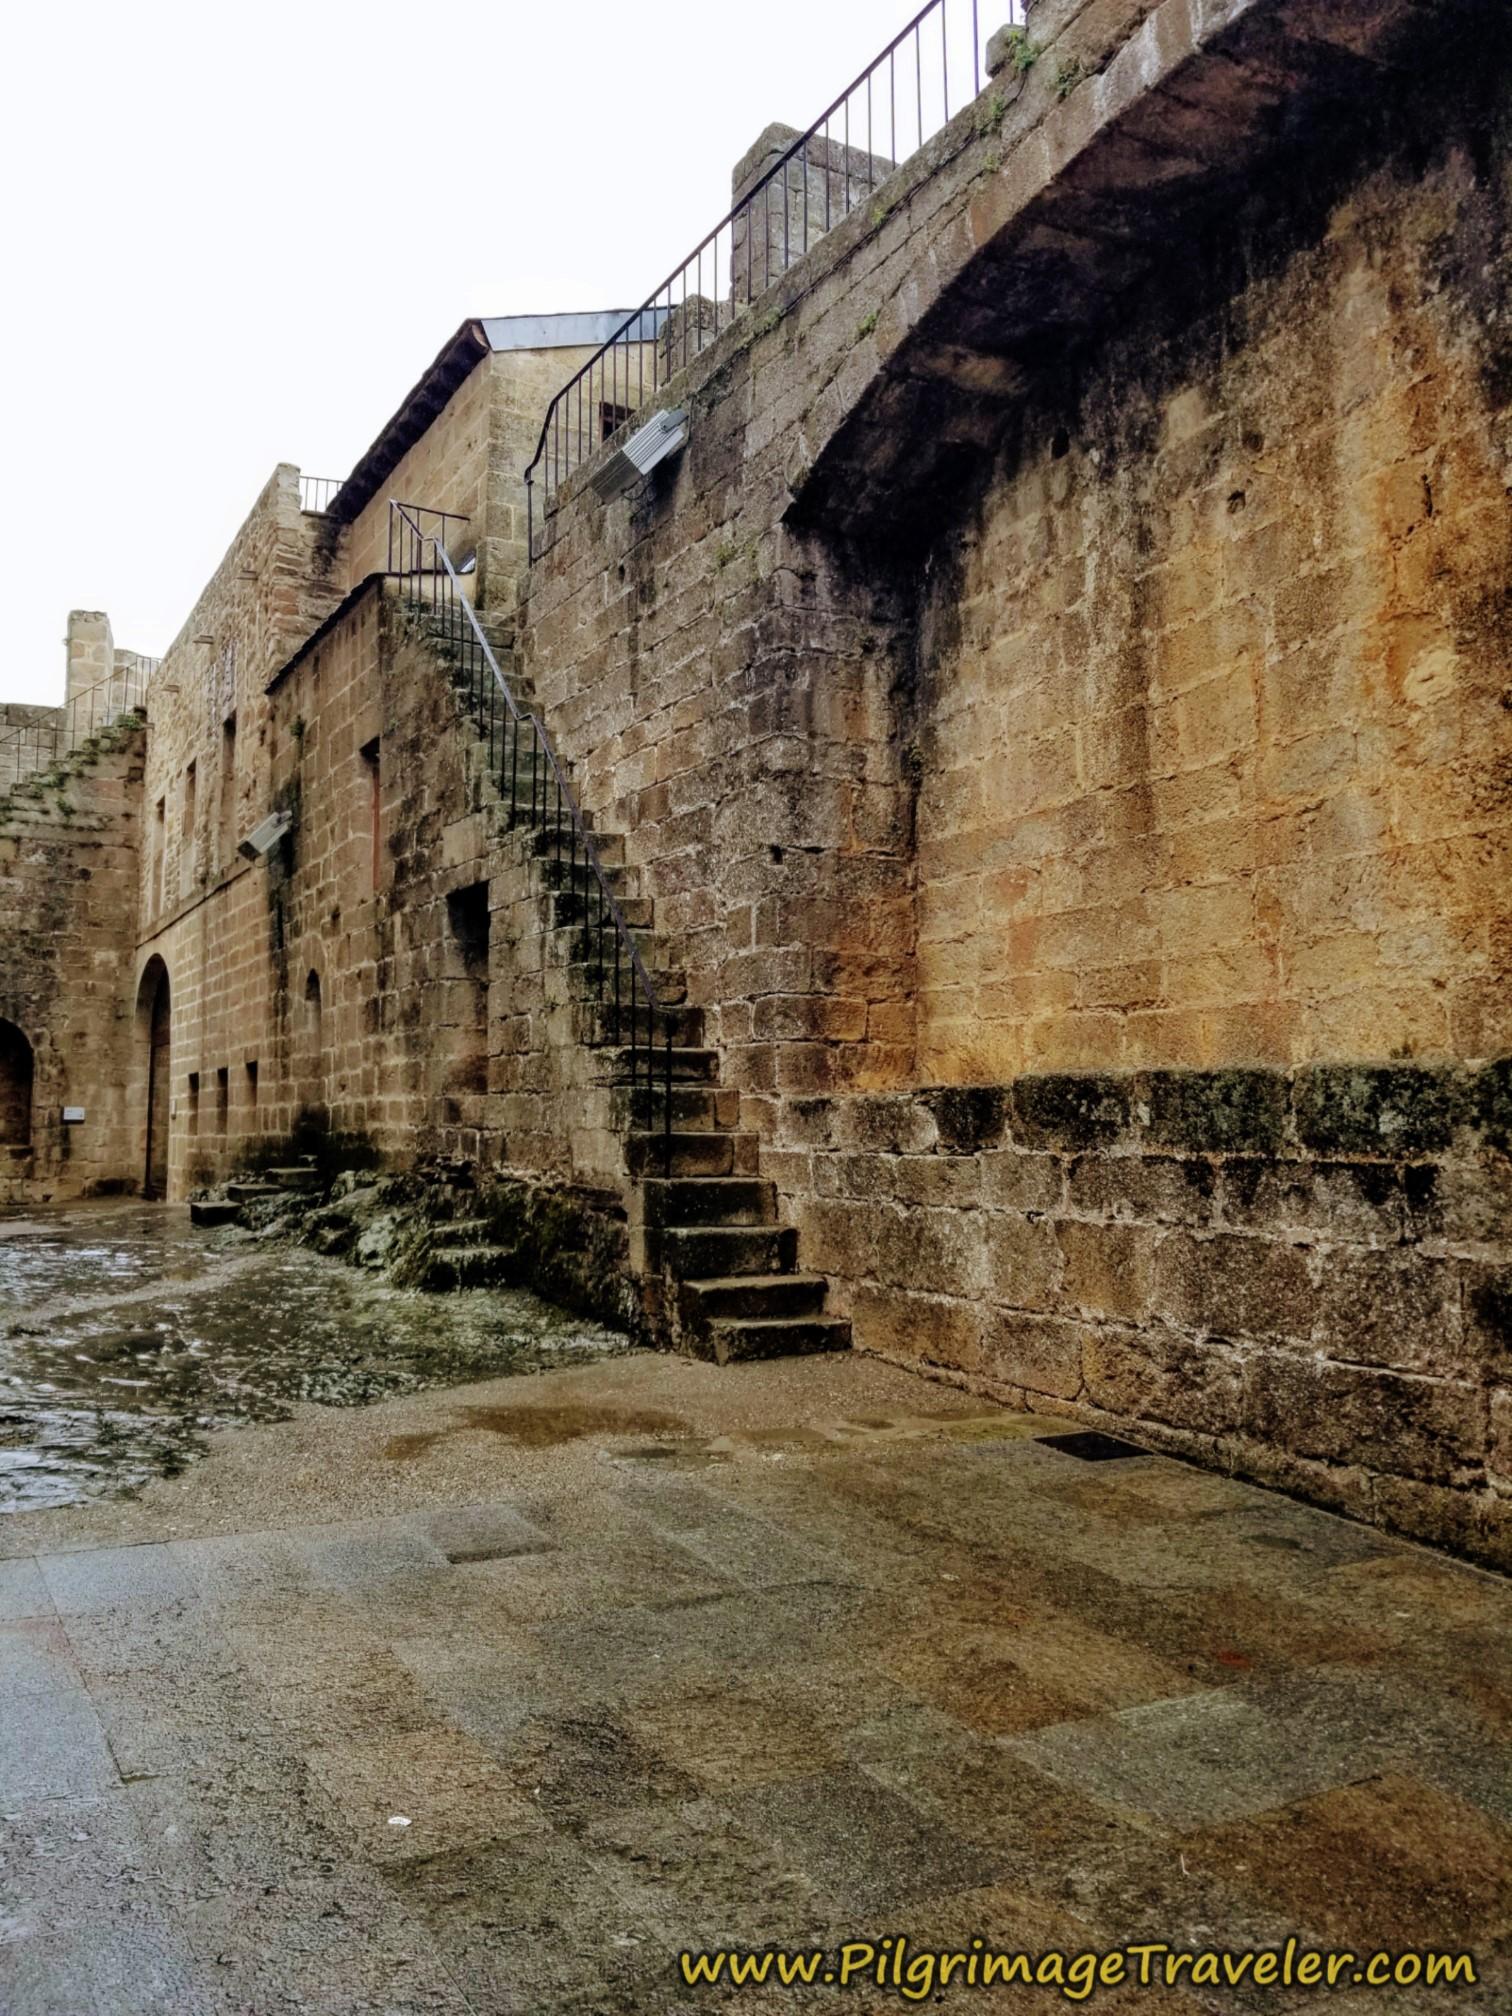 Stairway to Outer Rampart Walls, Castillo de Puebla de Sanabria